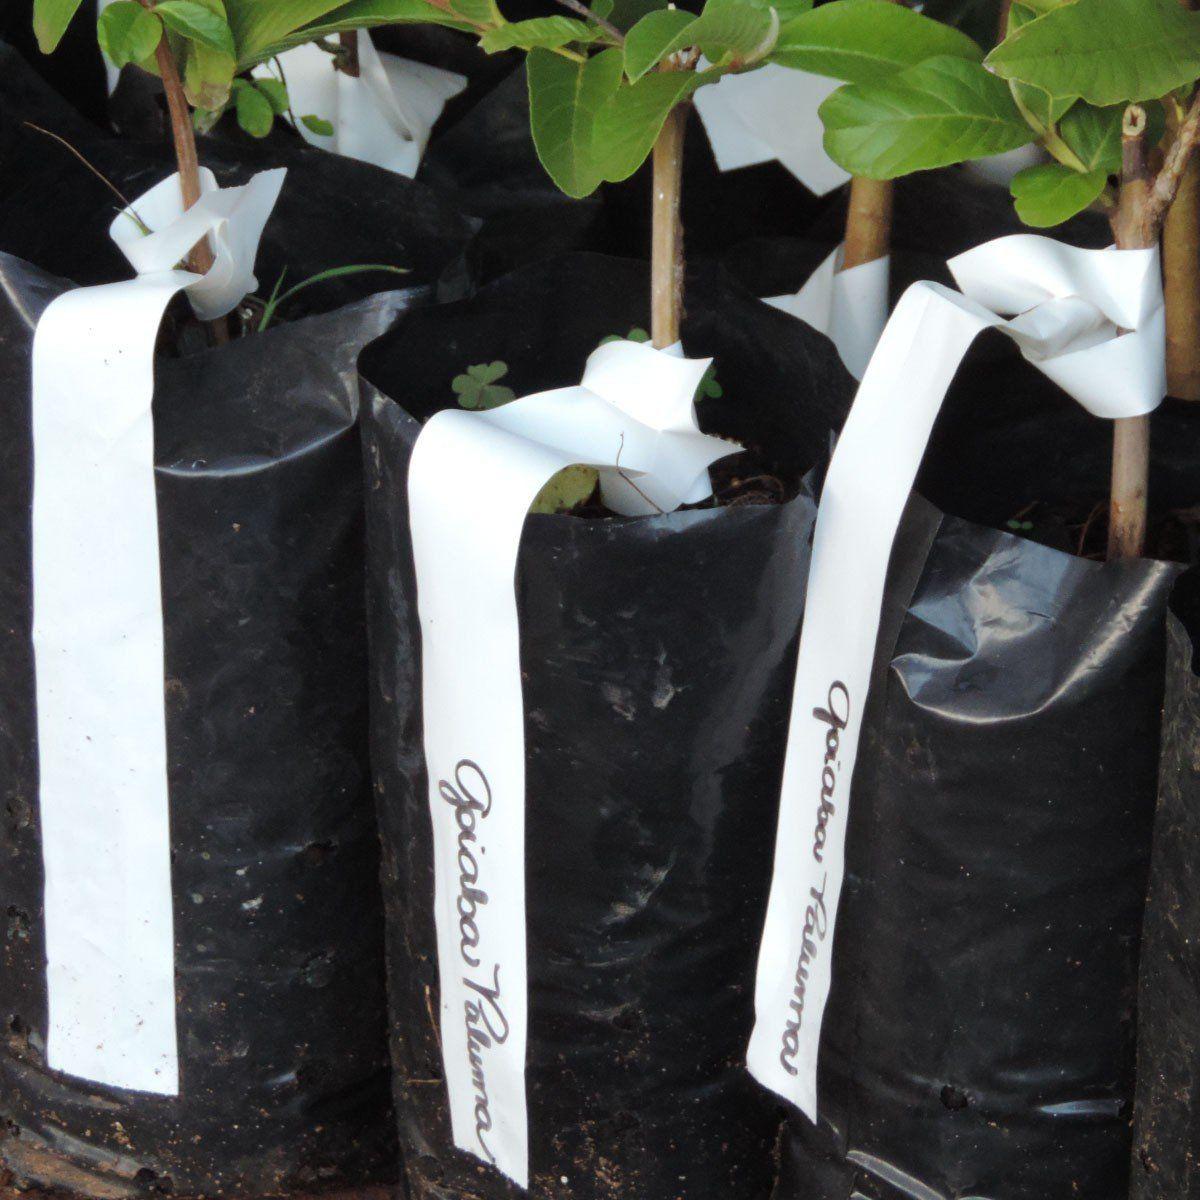 Rolo de etiquetas em polietileno brancas para identificação de plantas 500 etiquetas